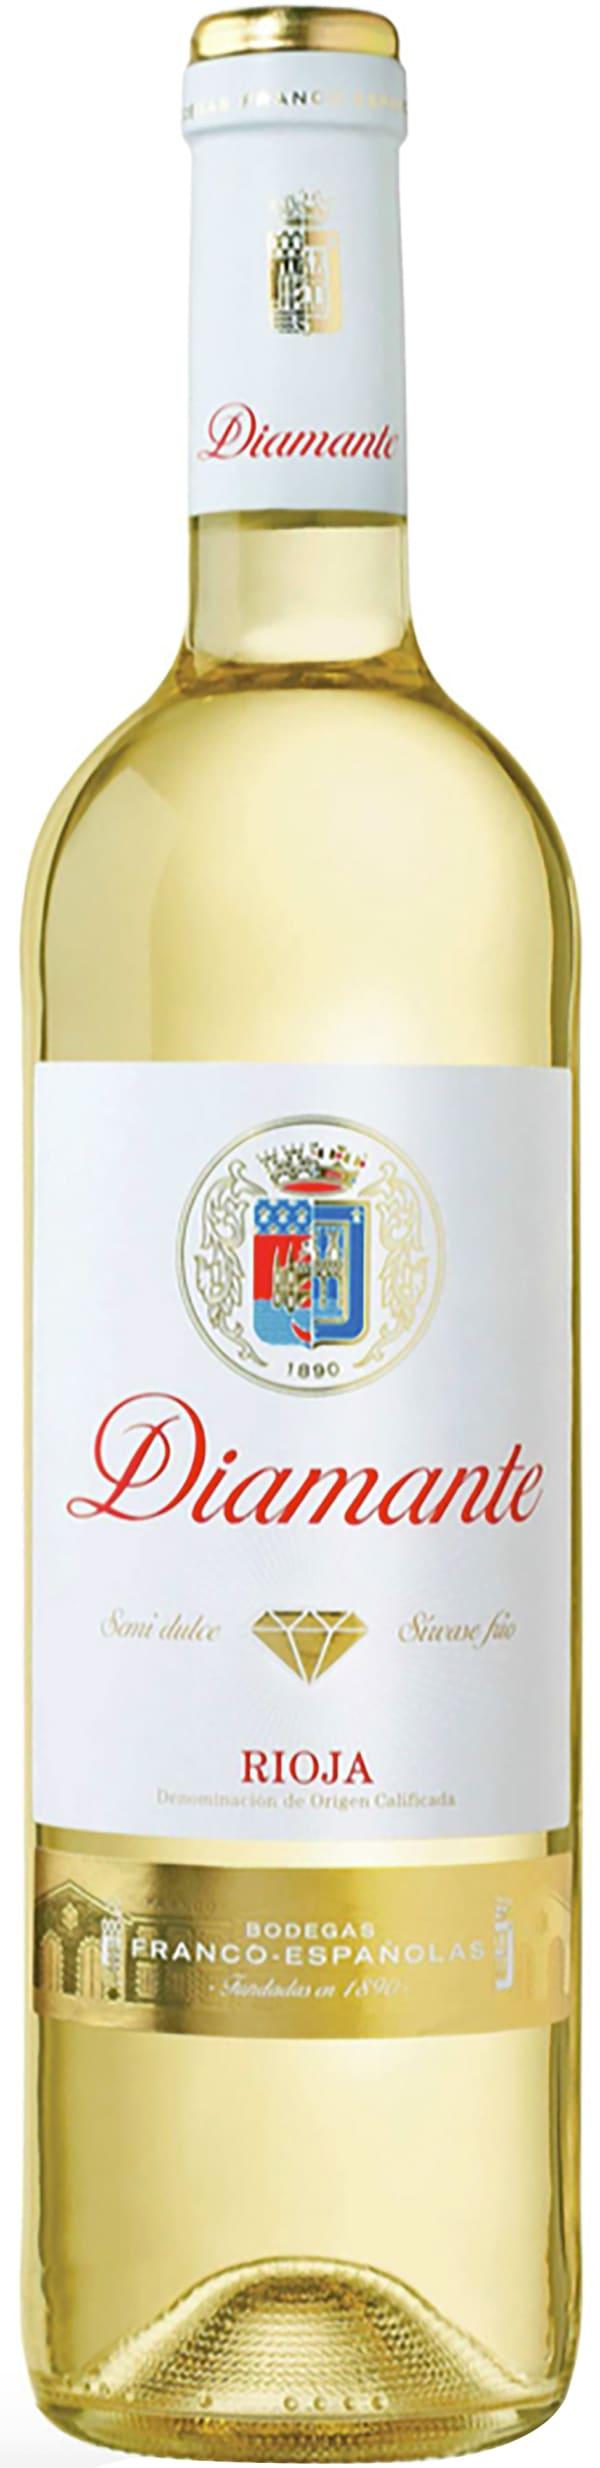 Diamante 2017